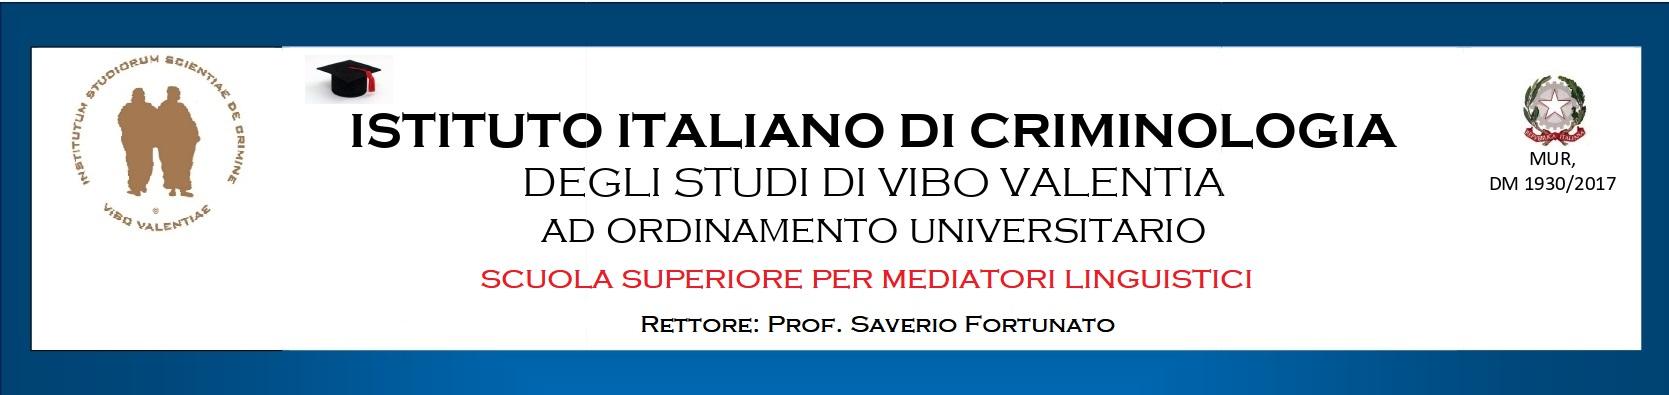 Istituto Italiano Di Criminologia Degli Studi Di Vibo Valentia